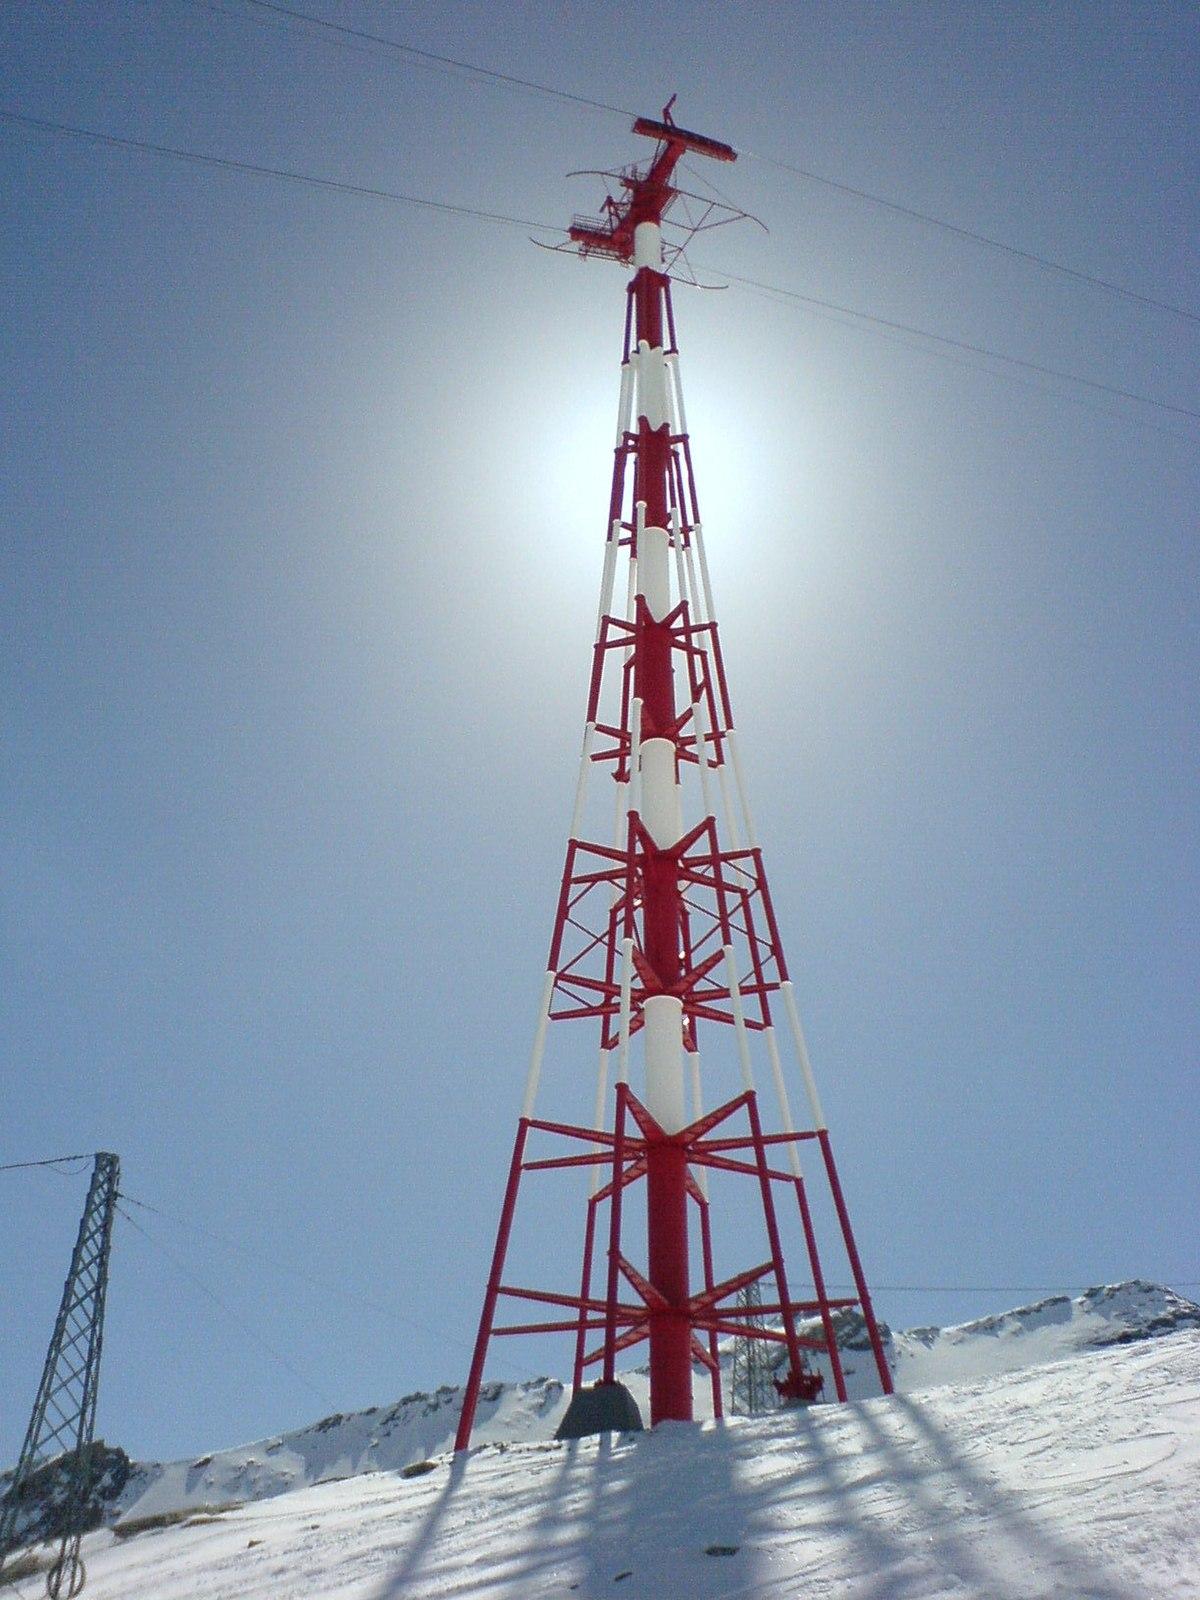 Tallest Aerial Lift : Glacial aerial tramway kaprun iii wikipedia